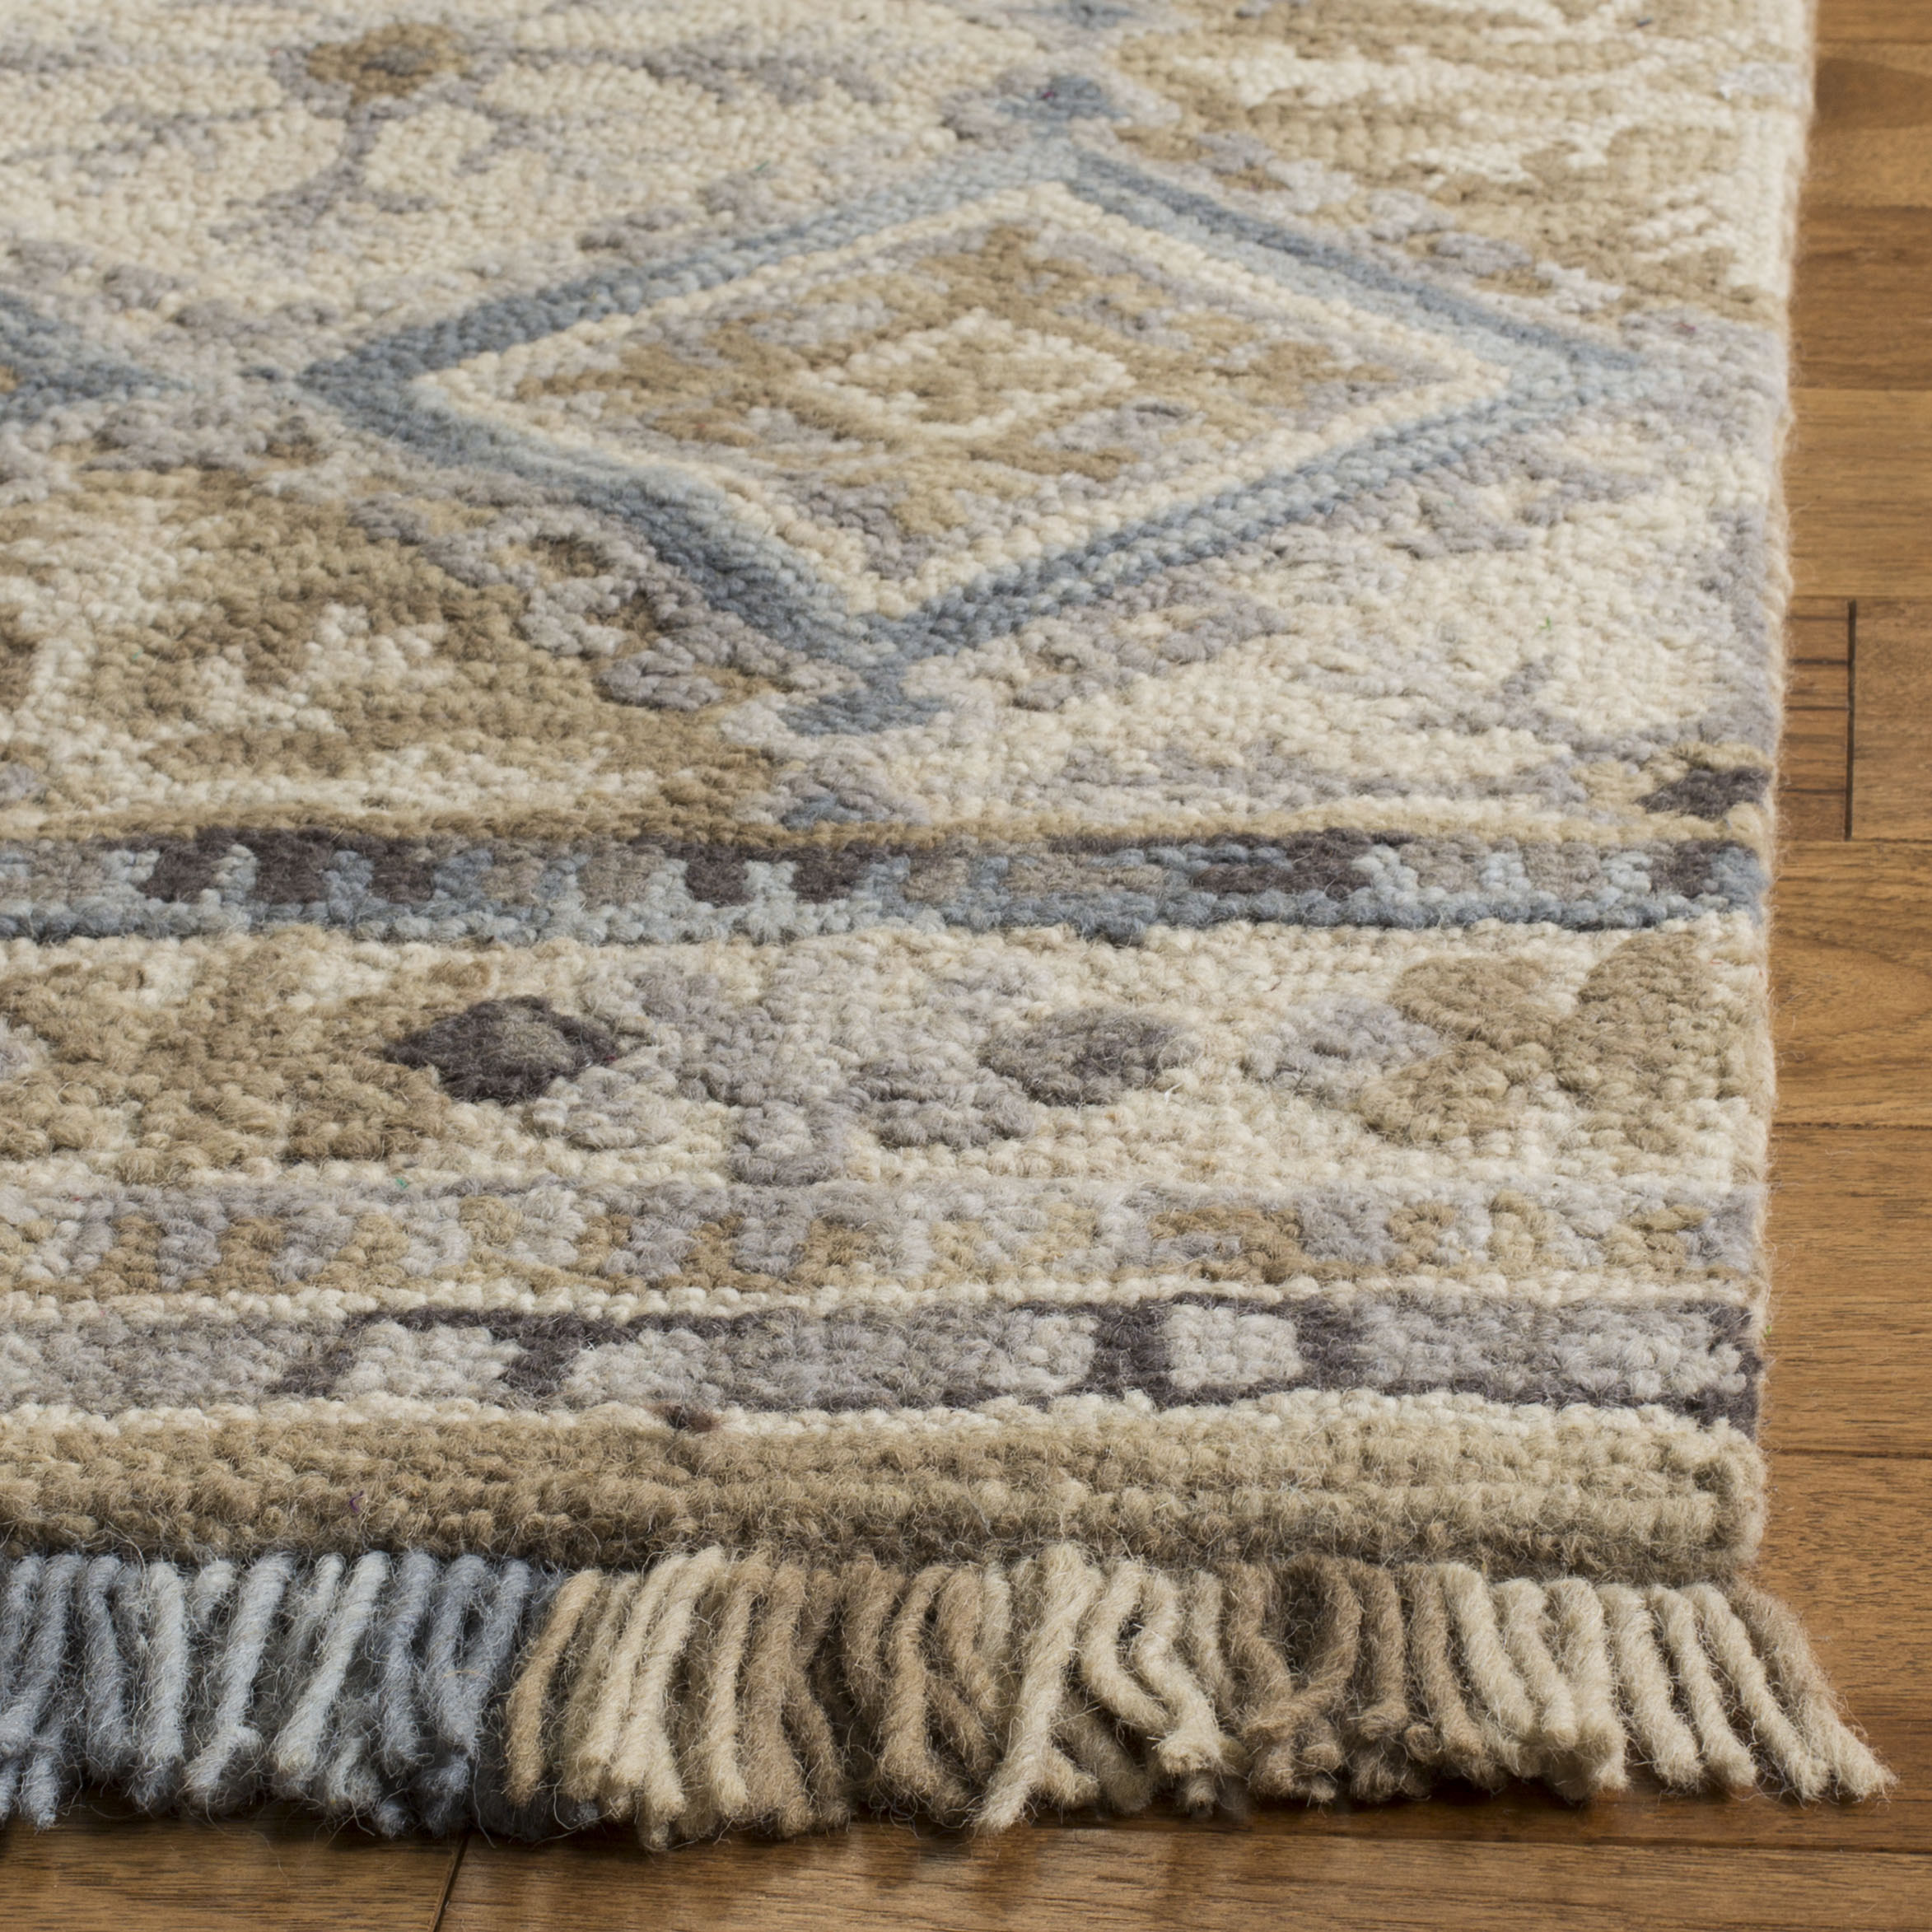 Morgan 421 4' X 6' Tan Wool Rug